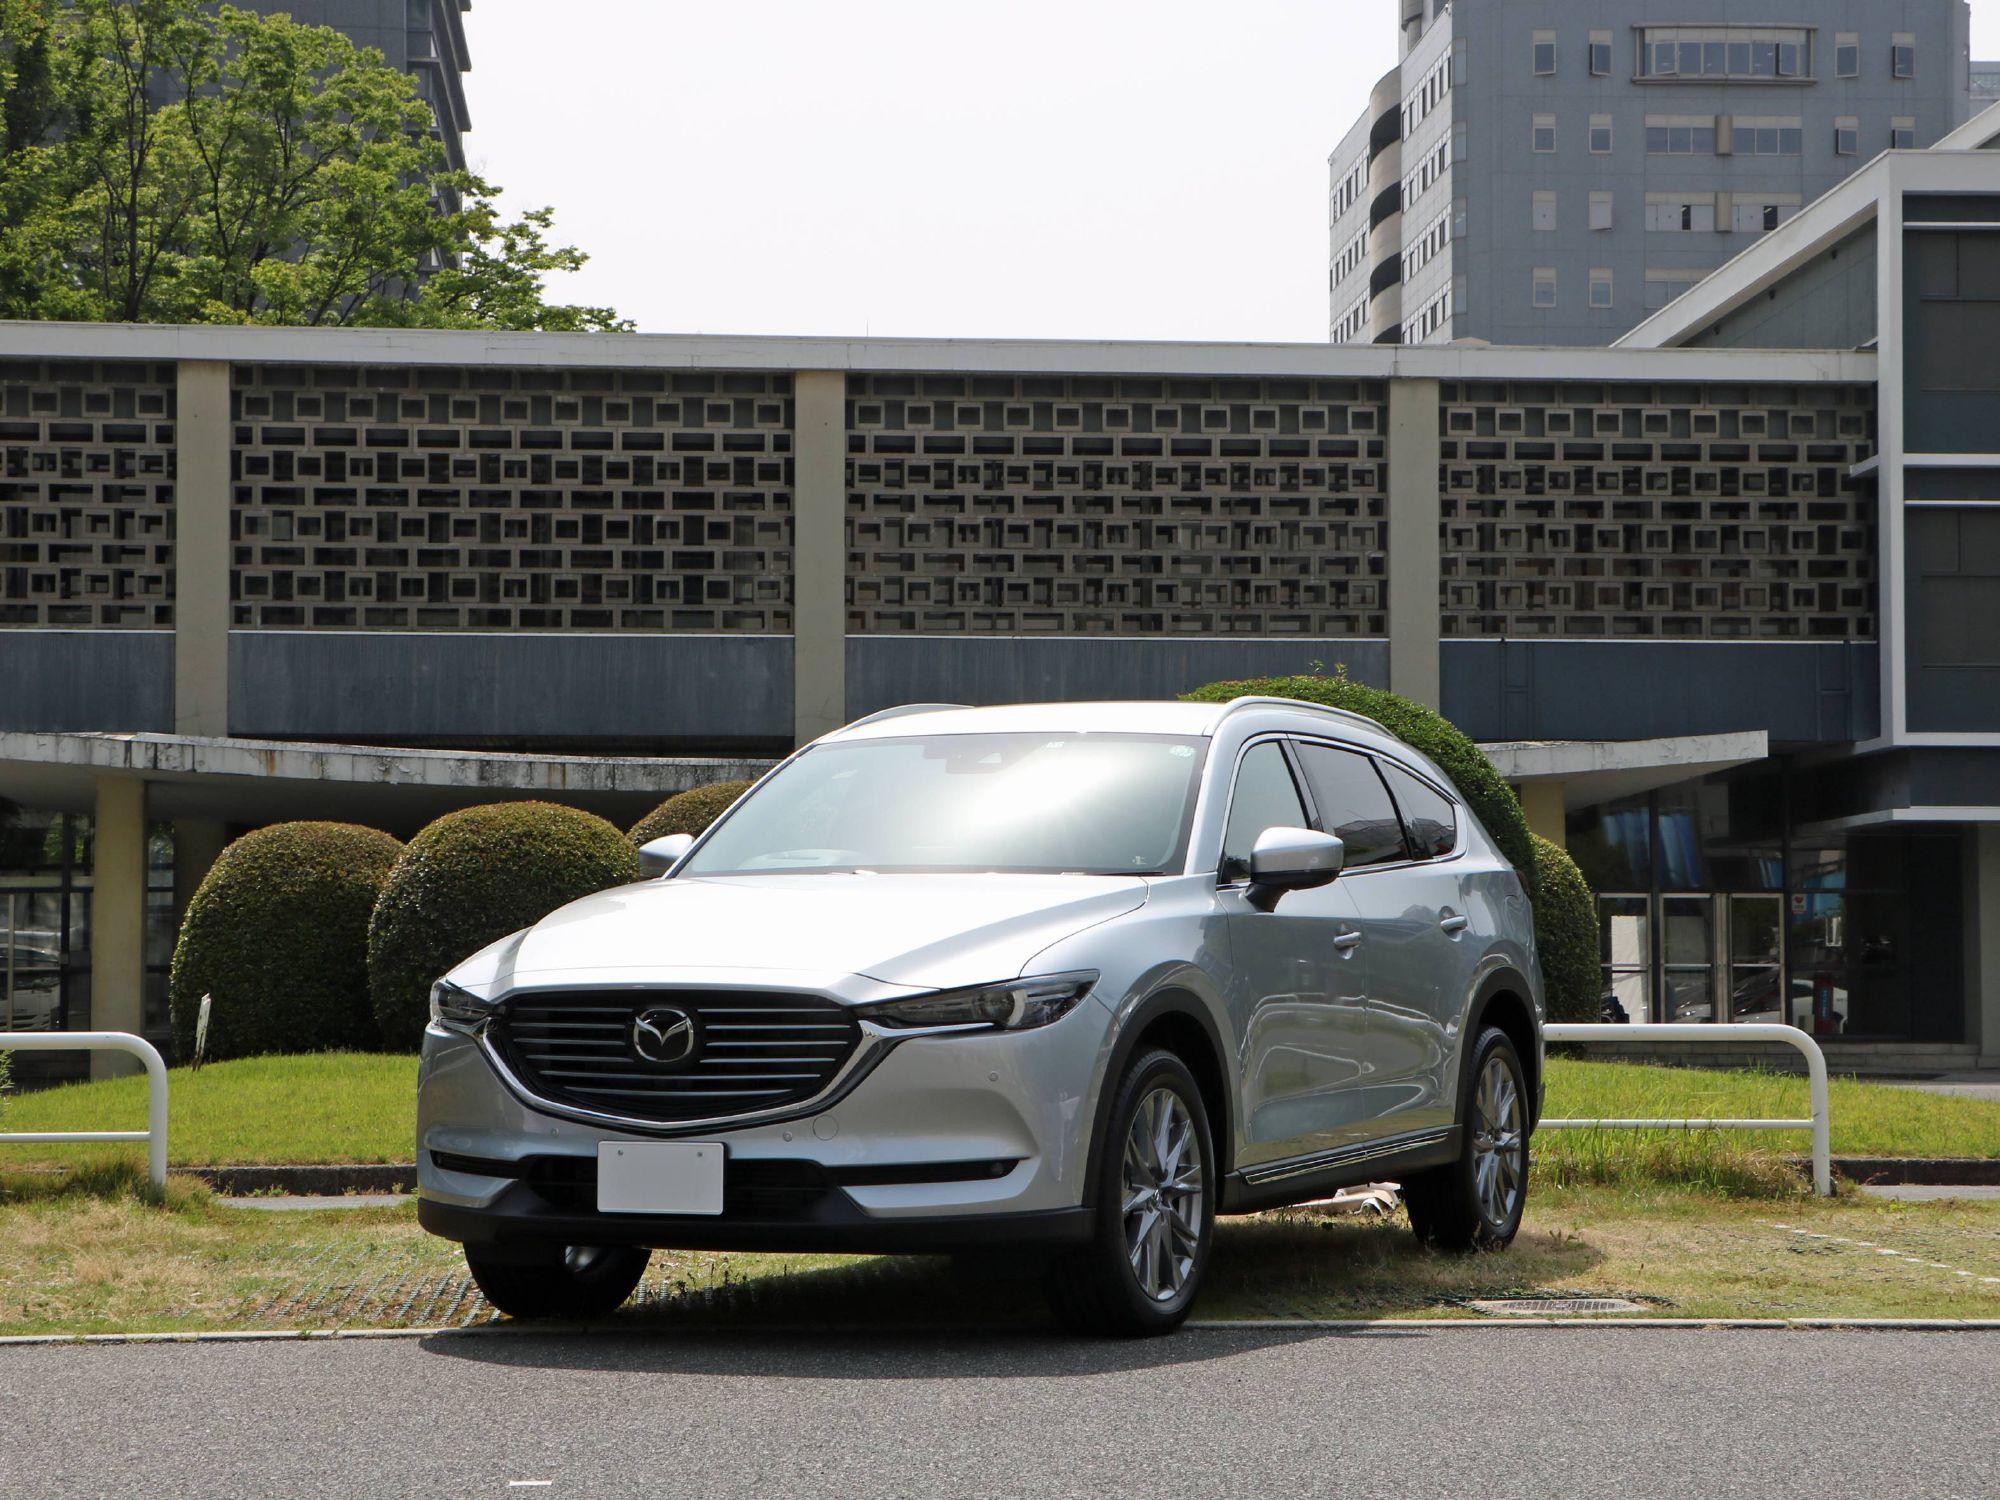 jp_testo-510_with_mazda_car.jpg